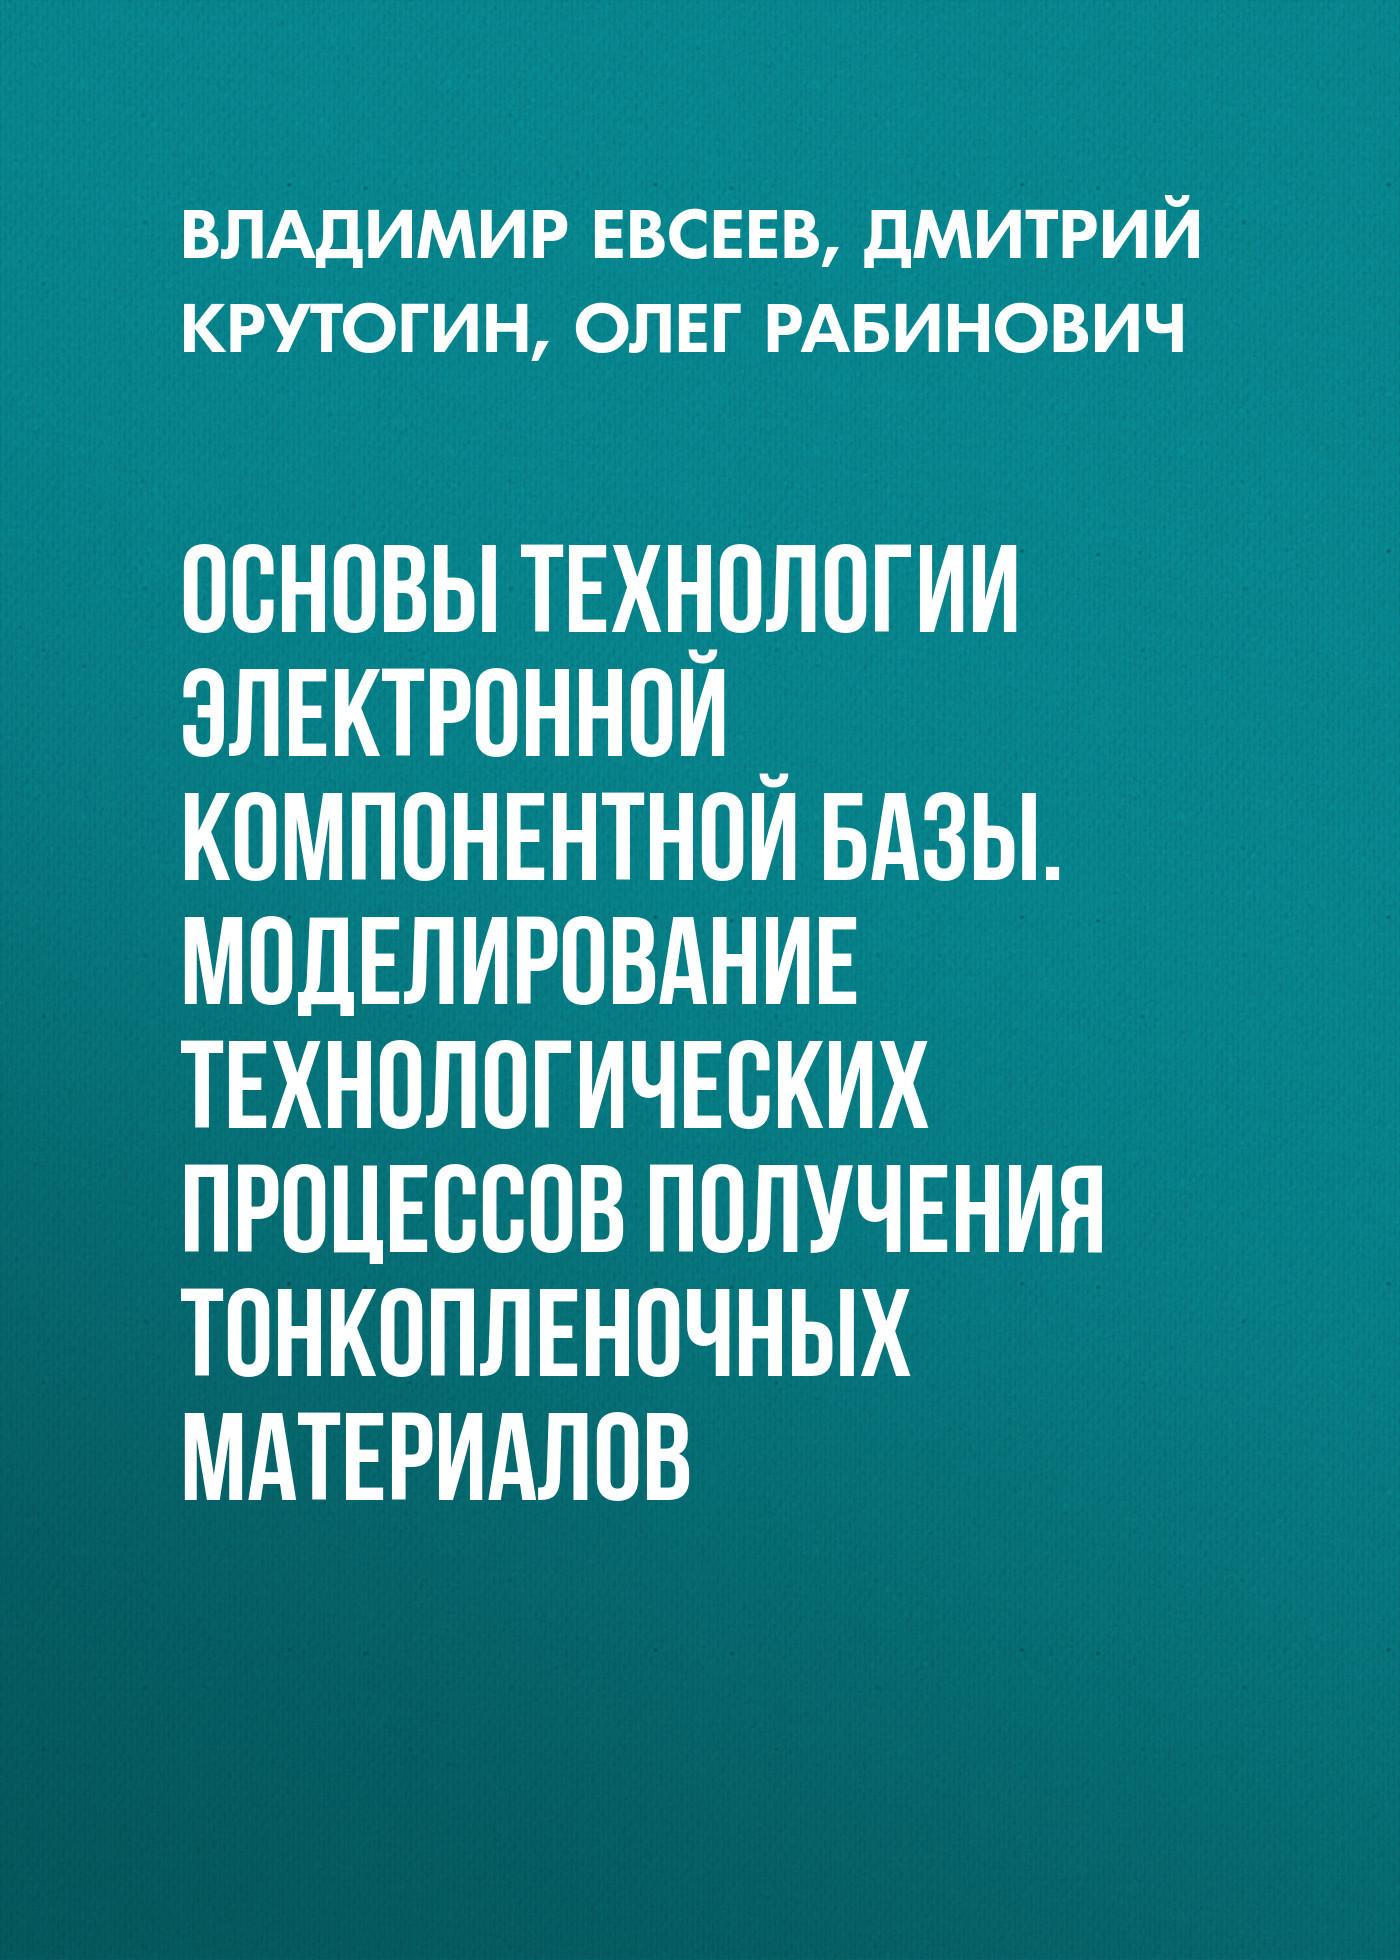 Дмитрий Крутогин Основы технологии электронной компонентной базы. Моделирование технологических процессов получения тонкопленочных материалов